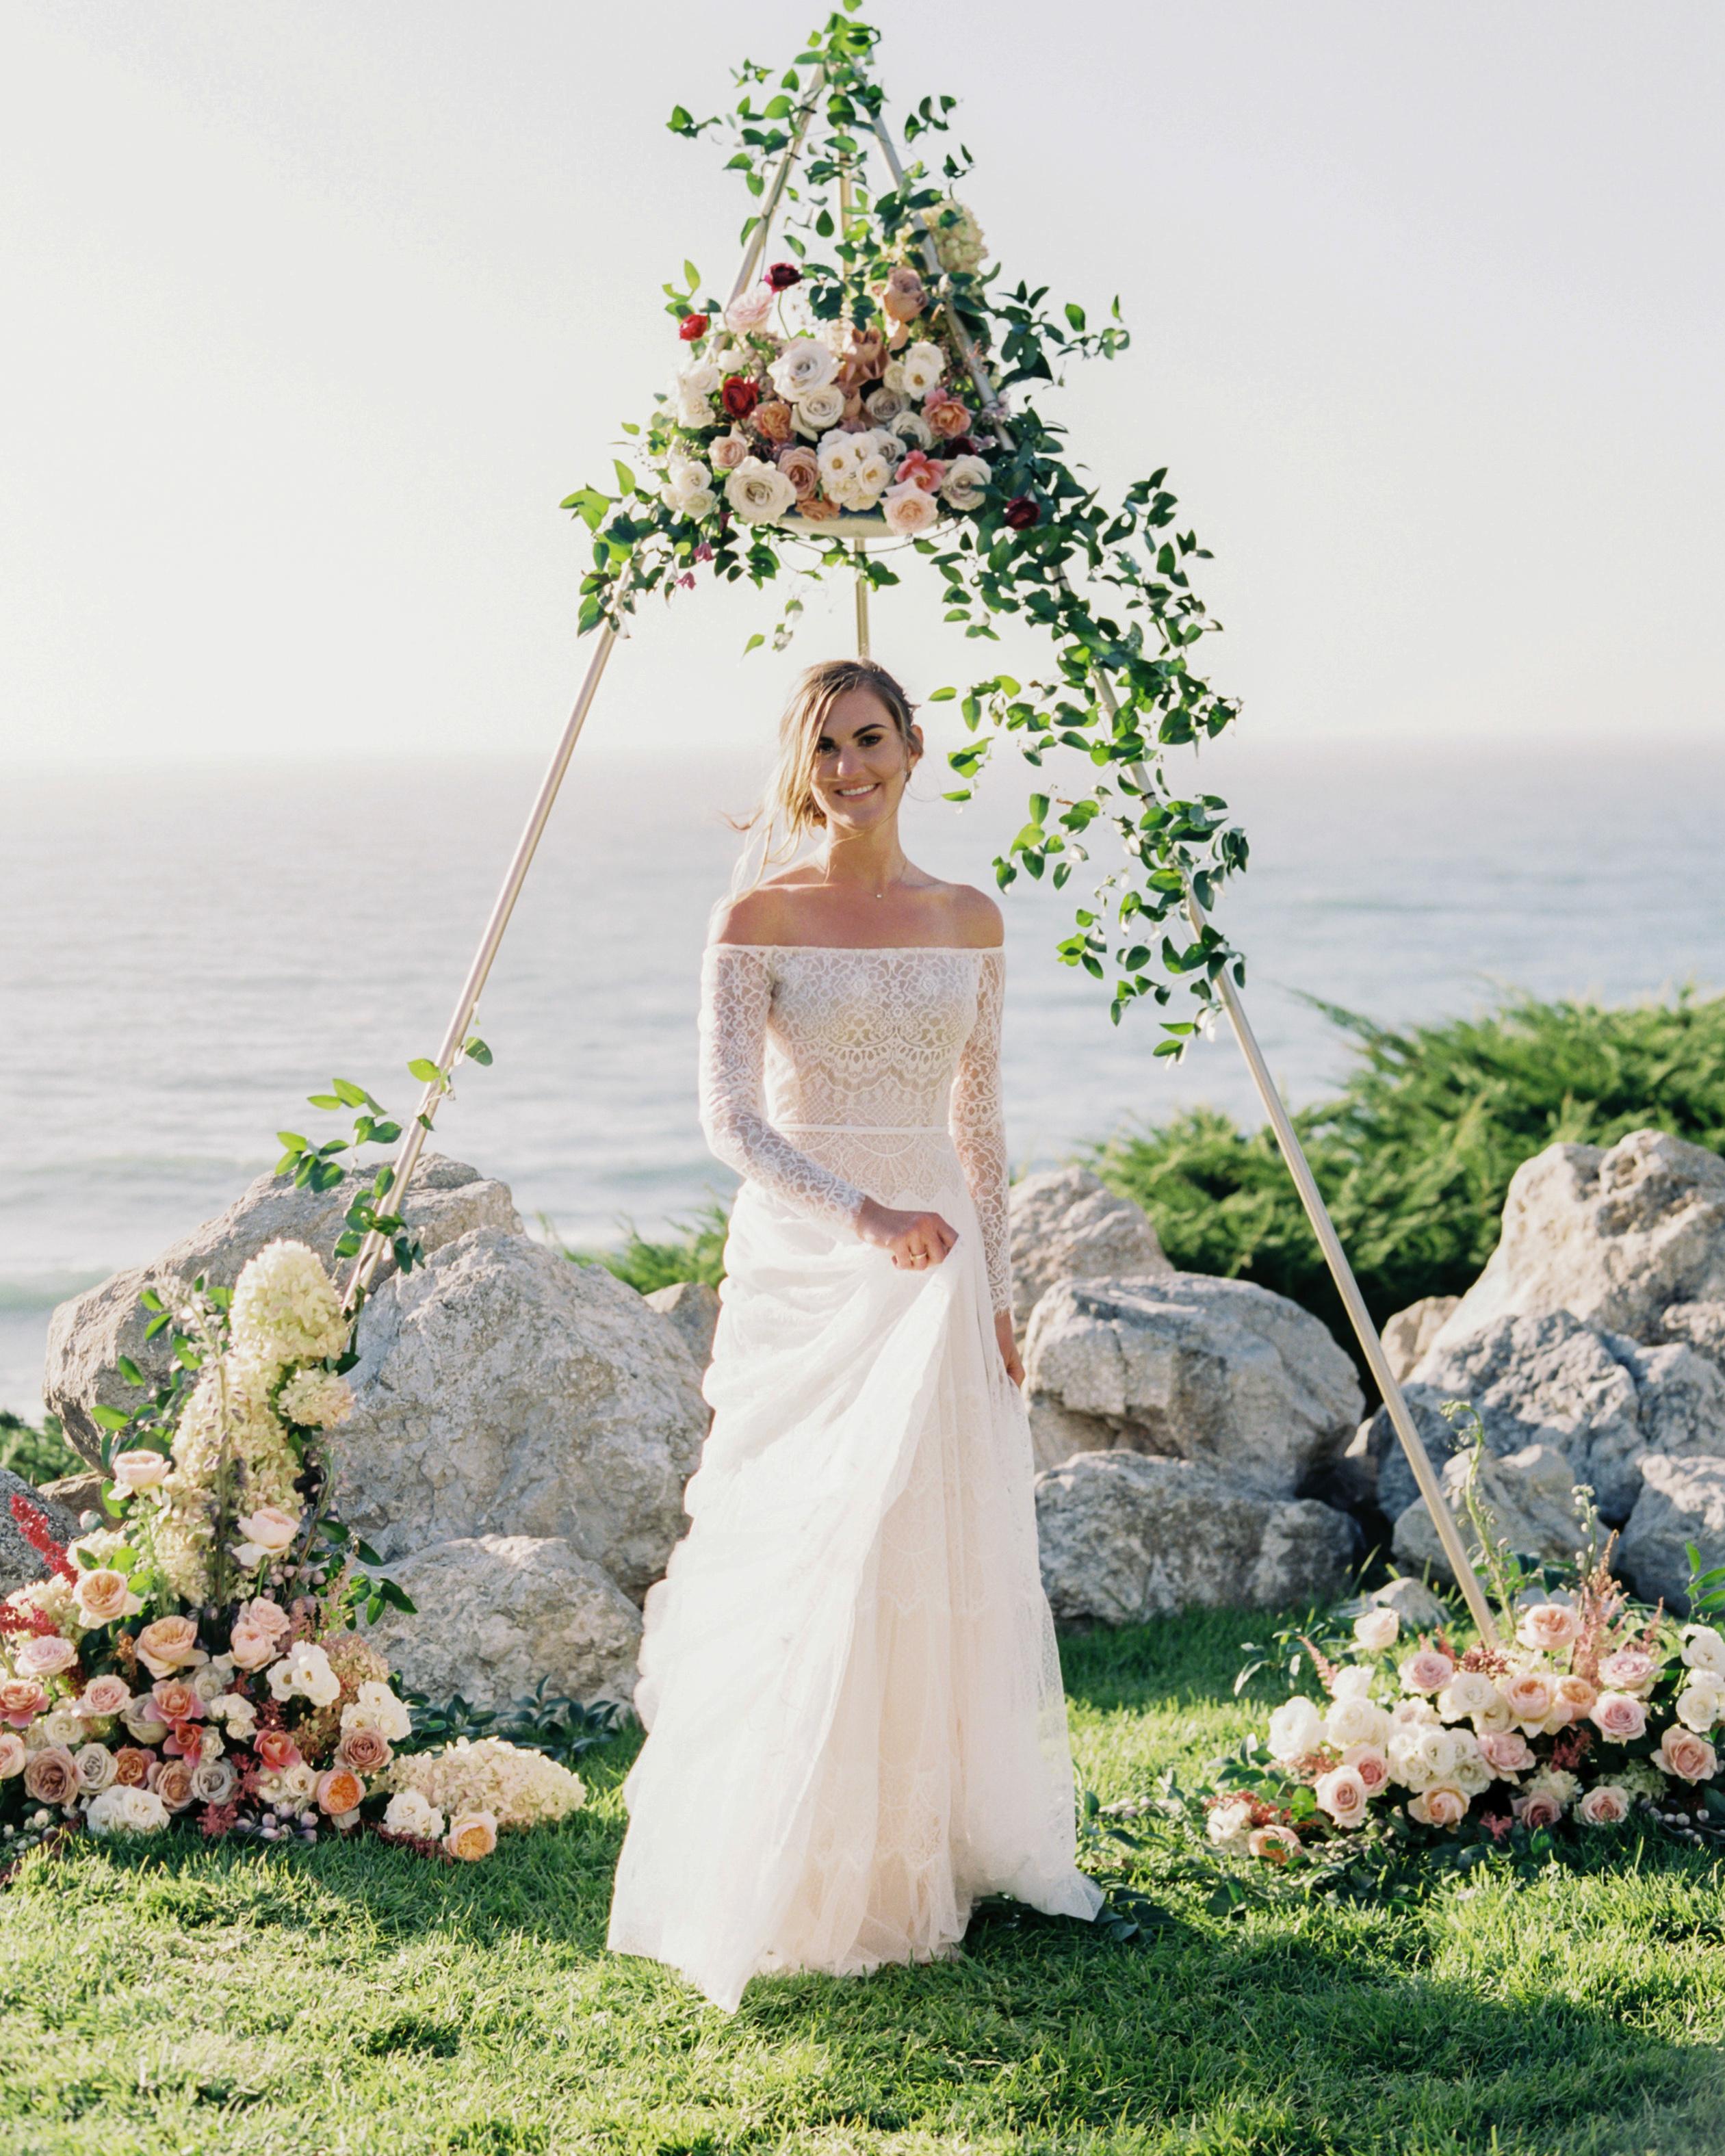 long sleeved wedding dress off the shoulder